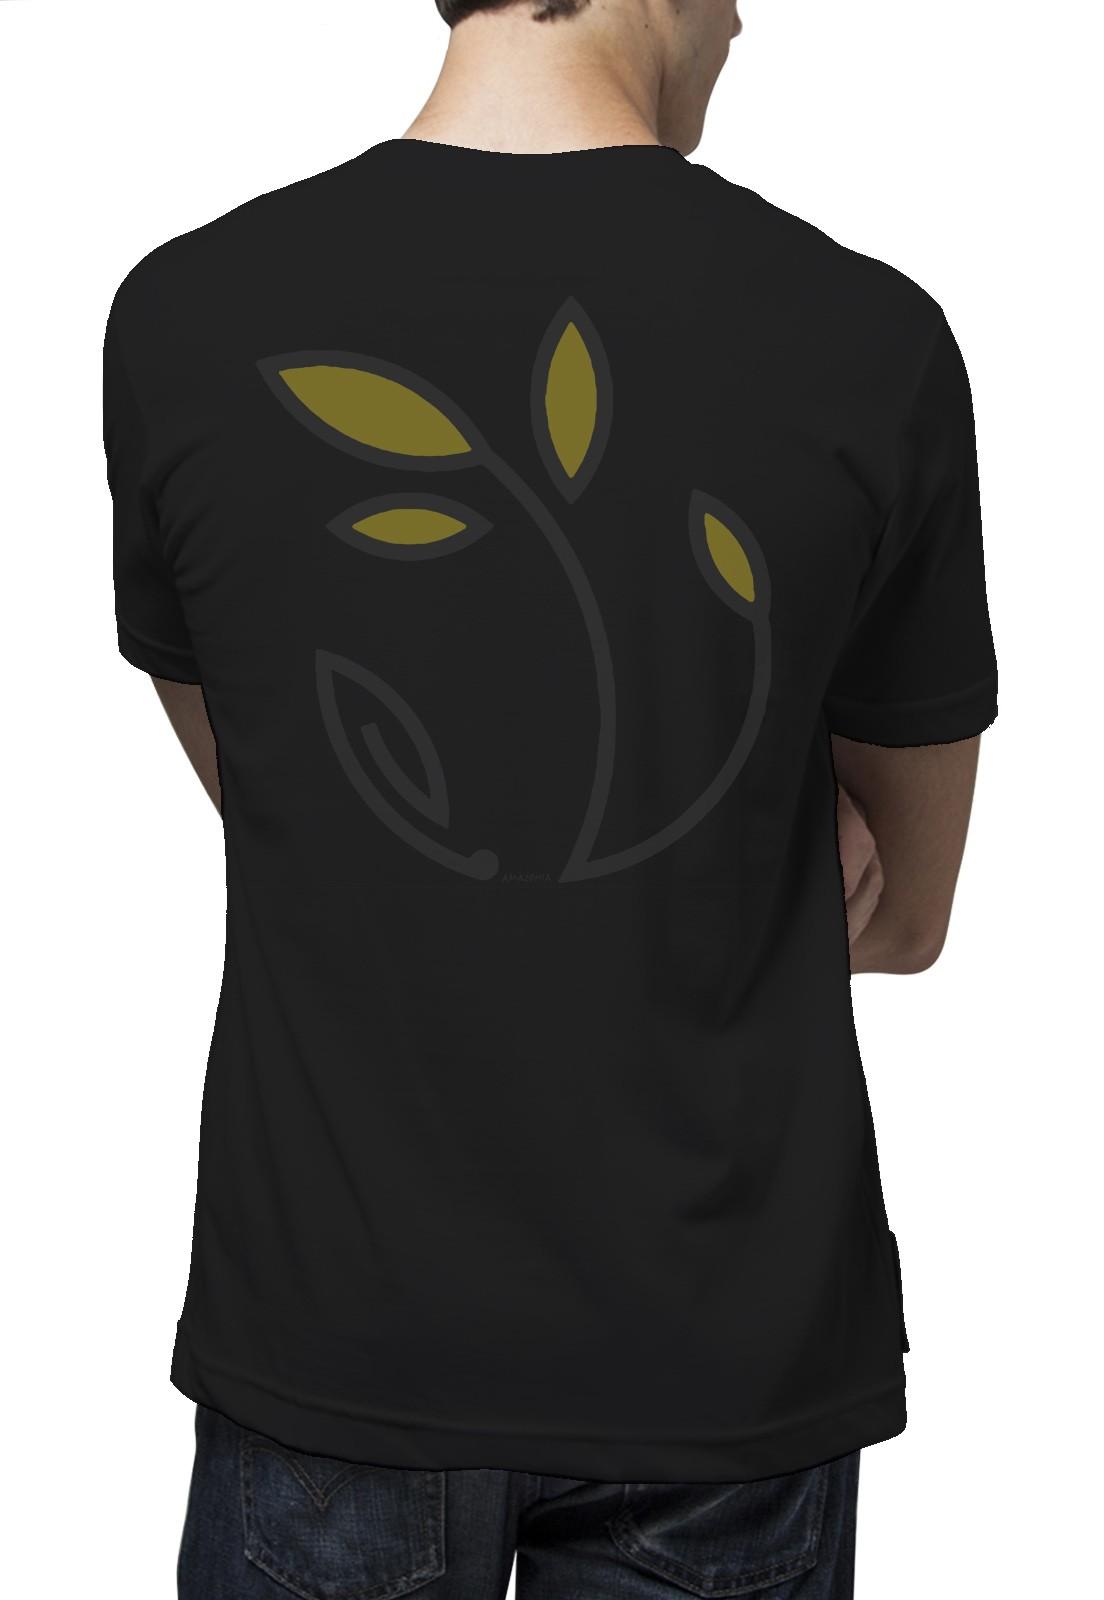 Camiseta Amazônia Eu Refloresto - Preto